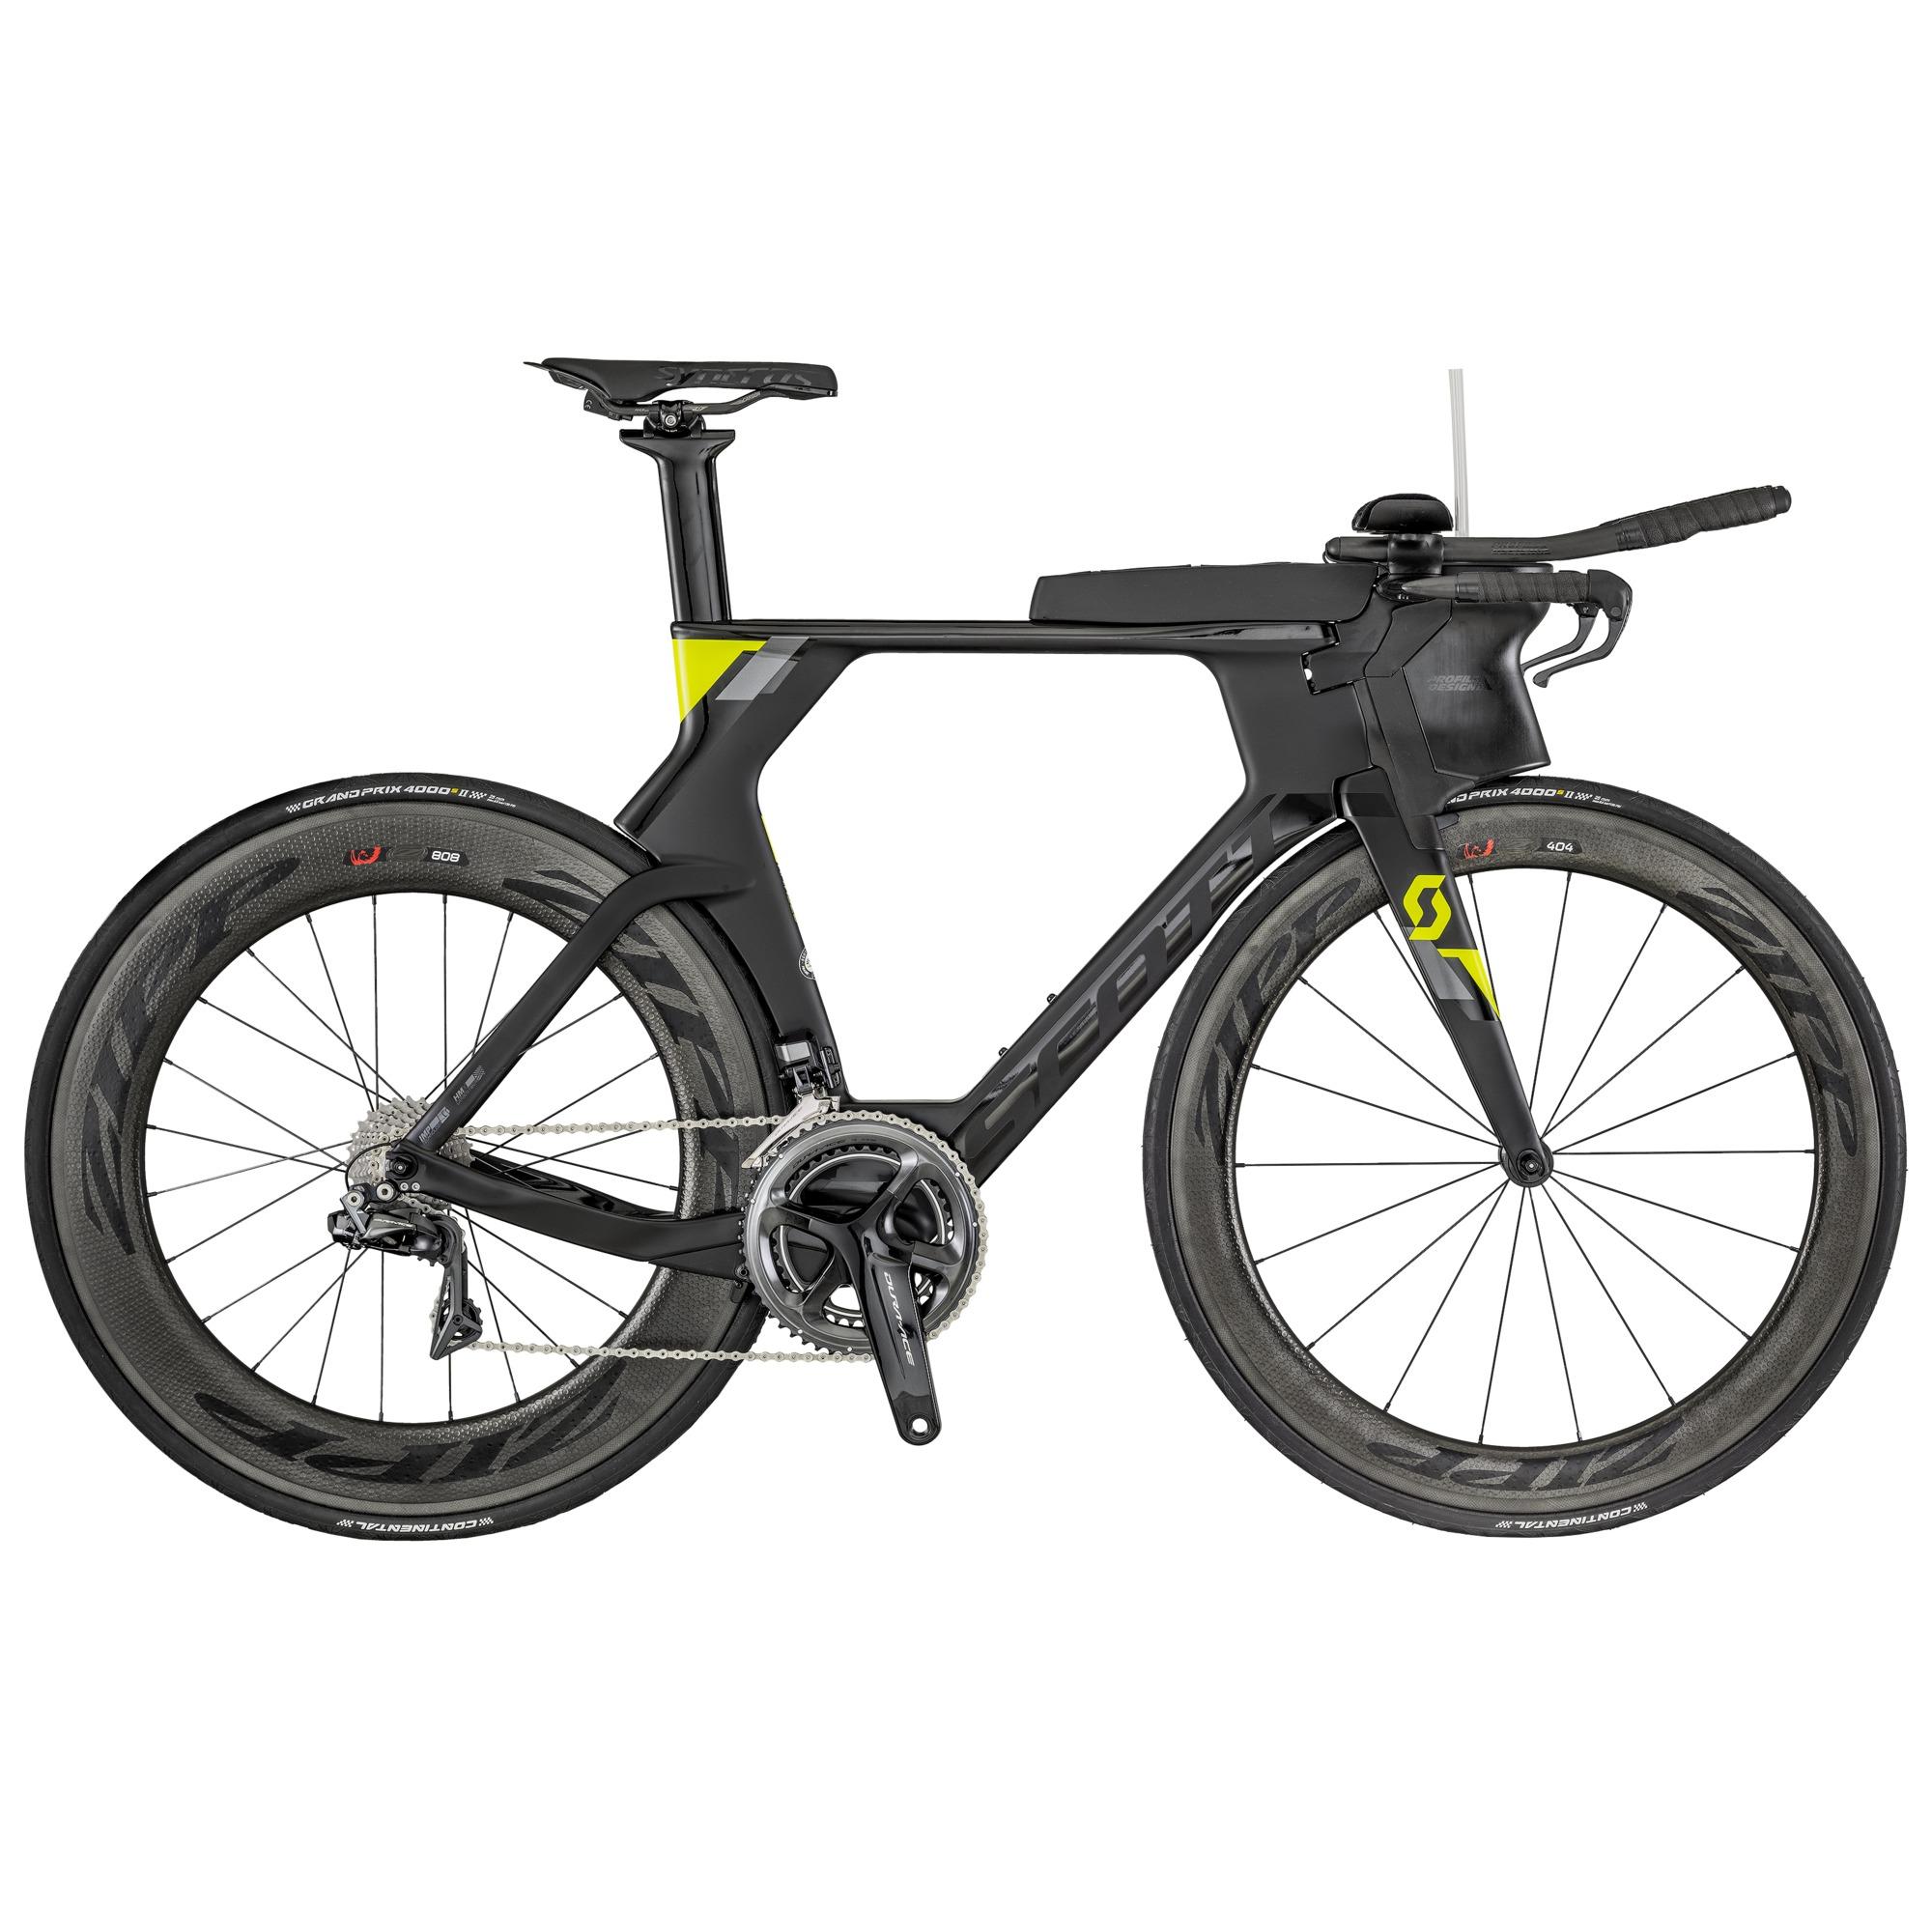 SCOTT Plasma Premium Bike L57 - Zweirad Homann